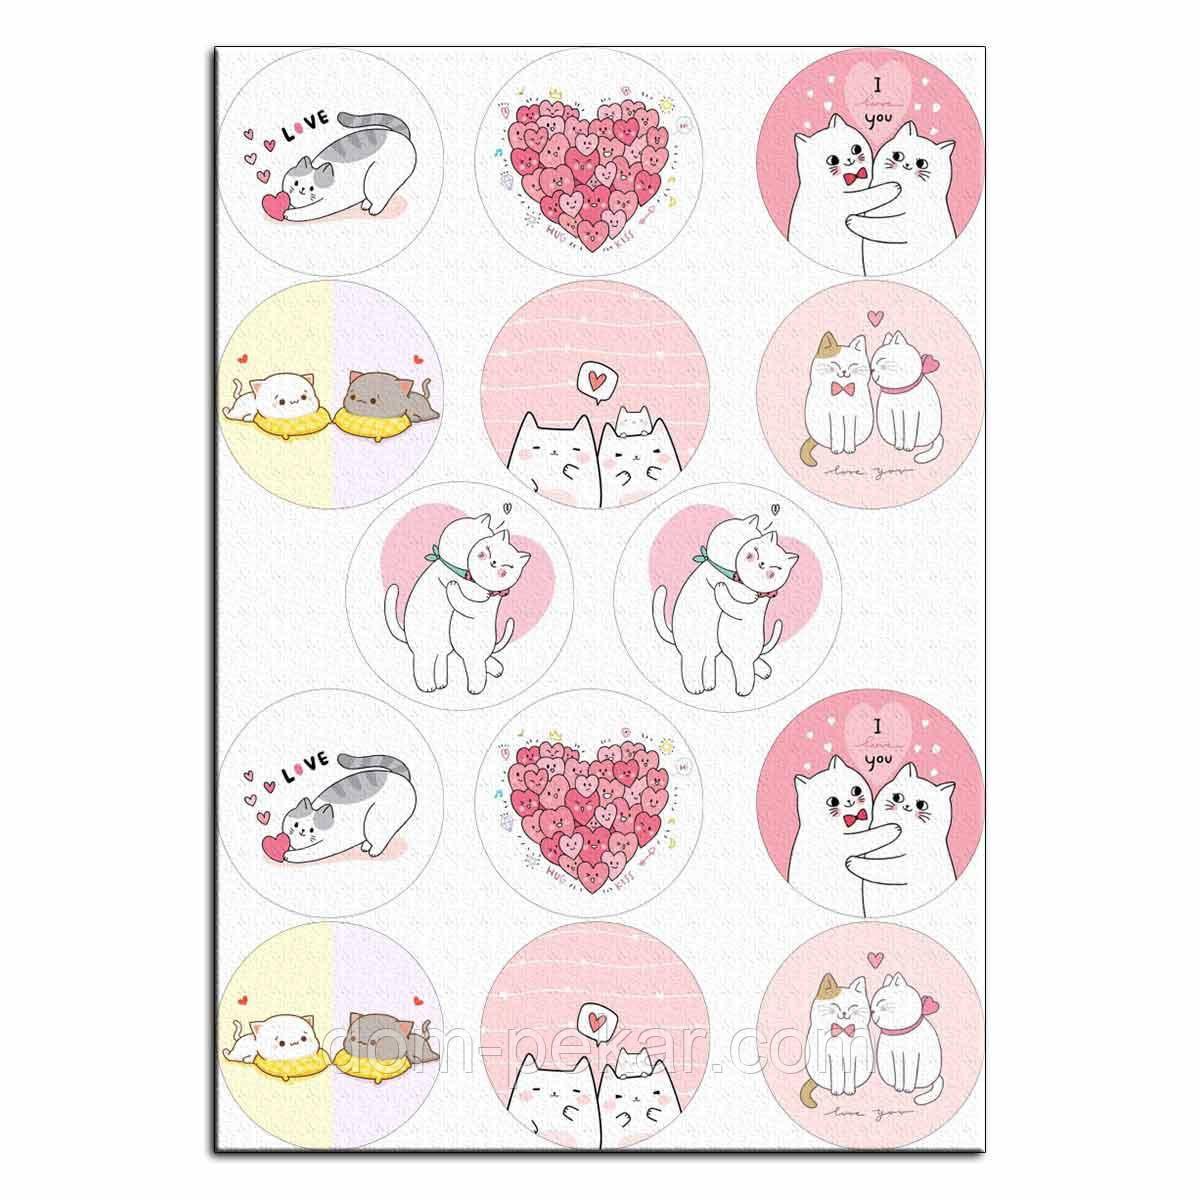 Капкейки-6 см Влюбленные котики 3 вафельная картинка